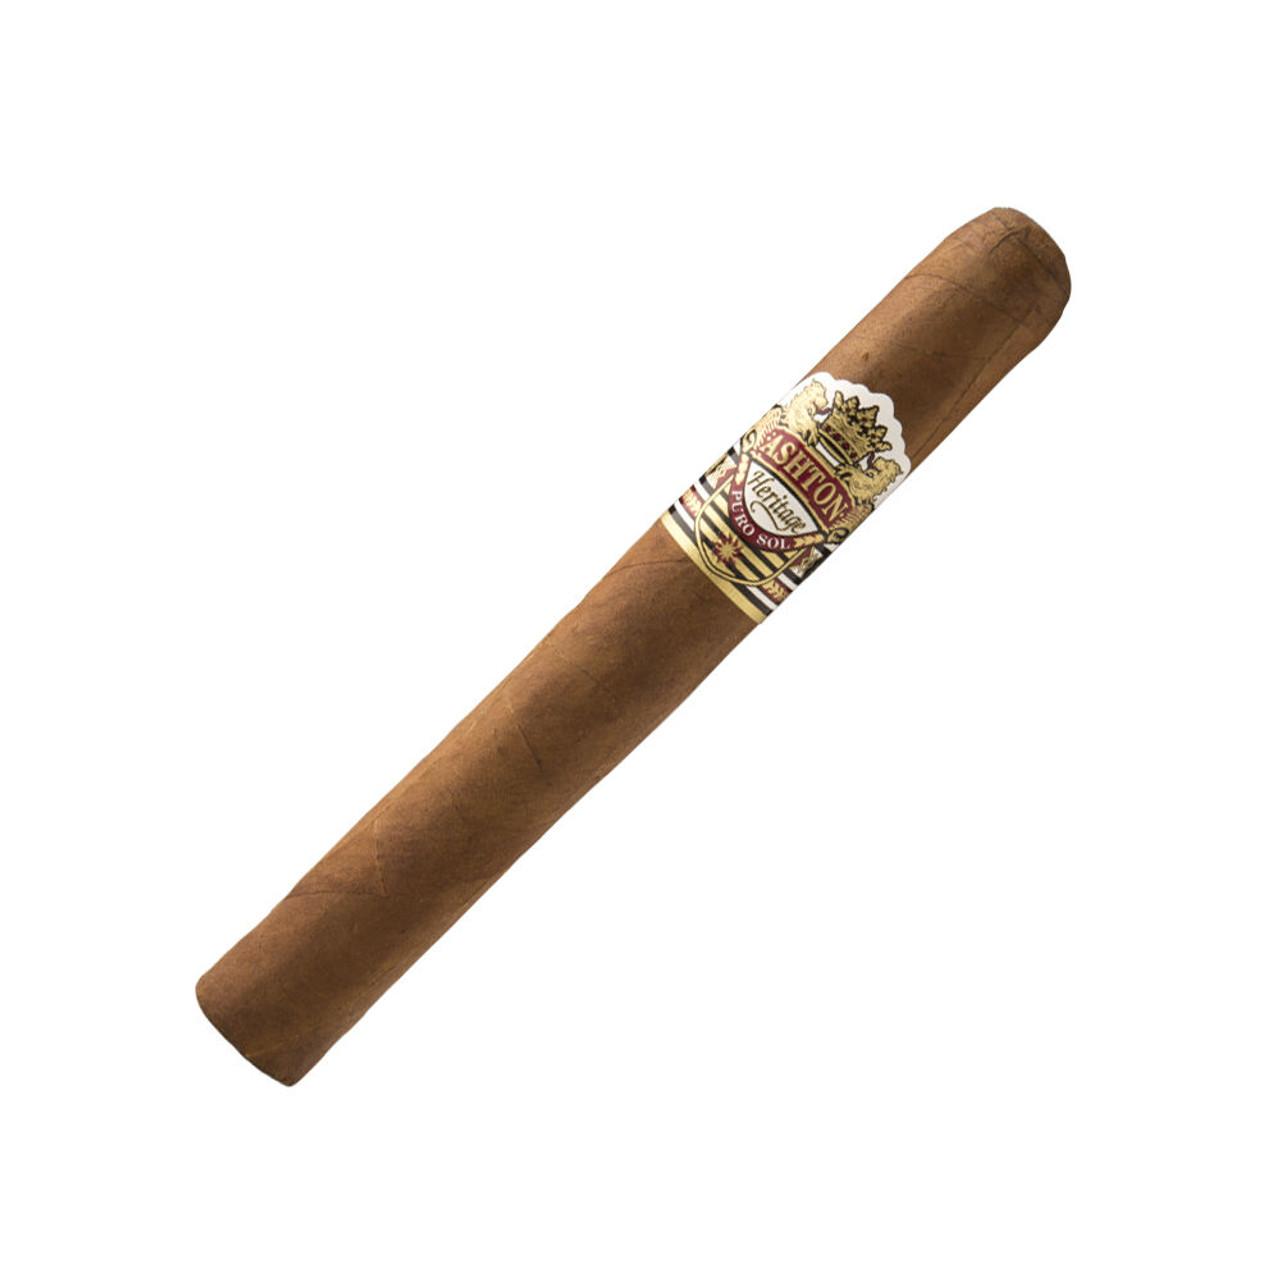 Ashton Heritage Puro Sol Corona Gorda Cigars - 5.75 x 46 (Box of 25)